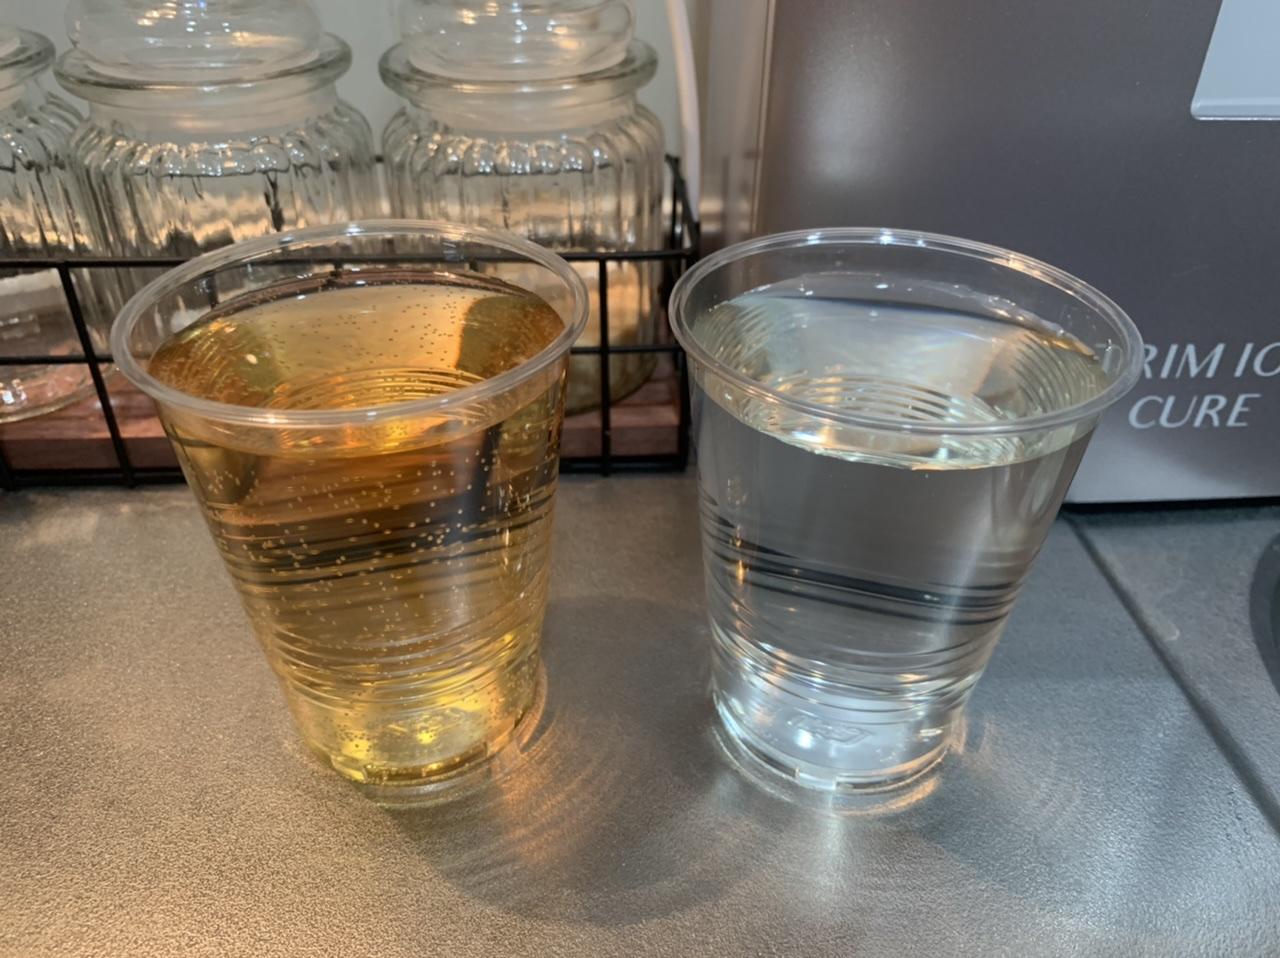 毎日飲む水を変えて簡単高コスパ腸活♡見た目もかわいいおすすめ整水器_3